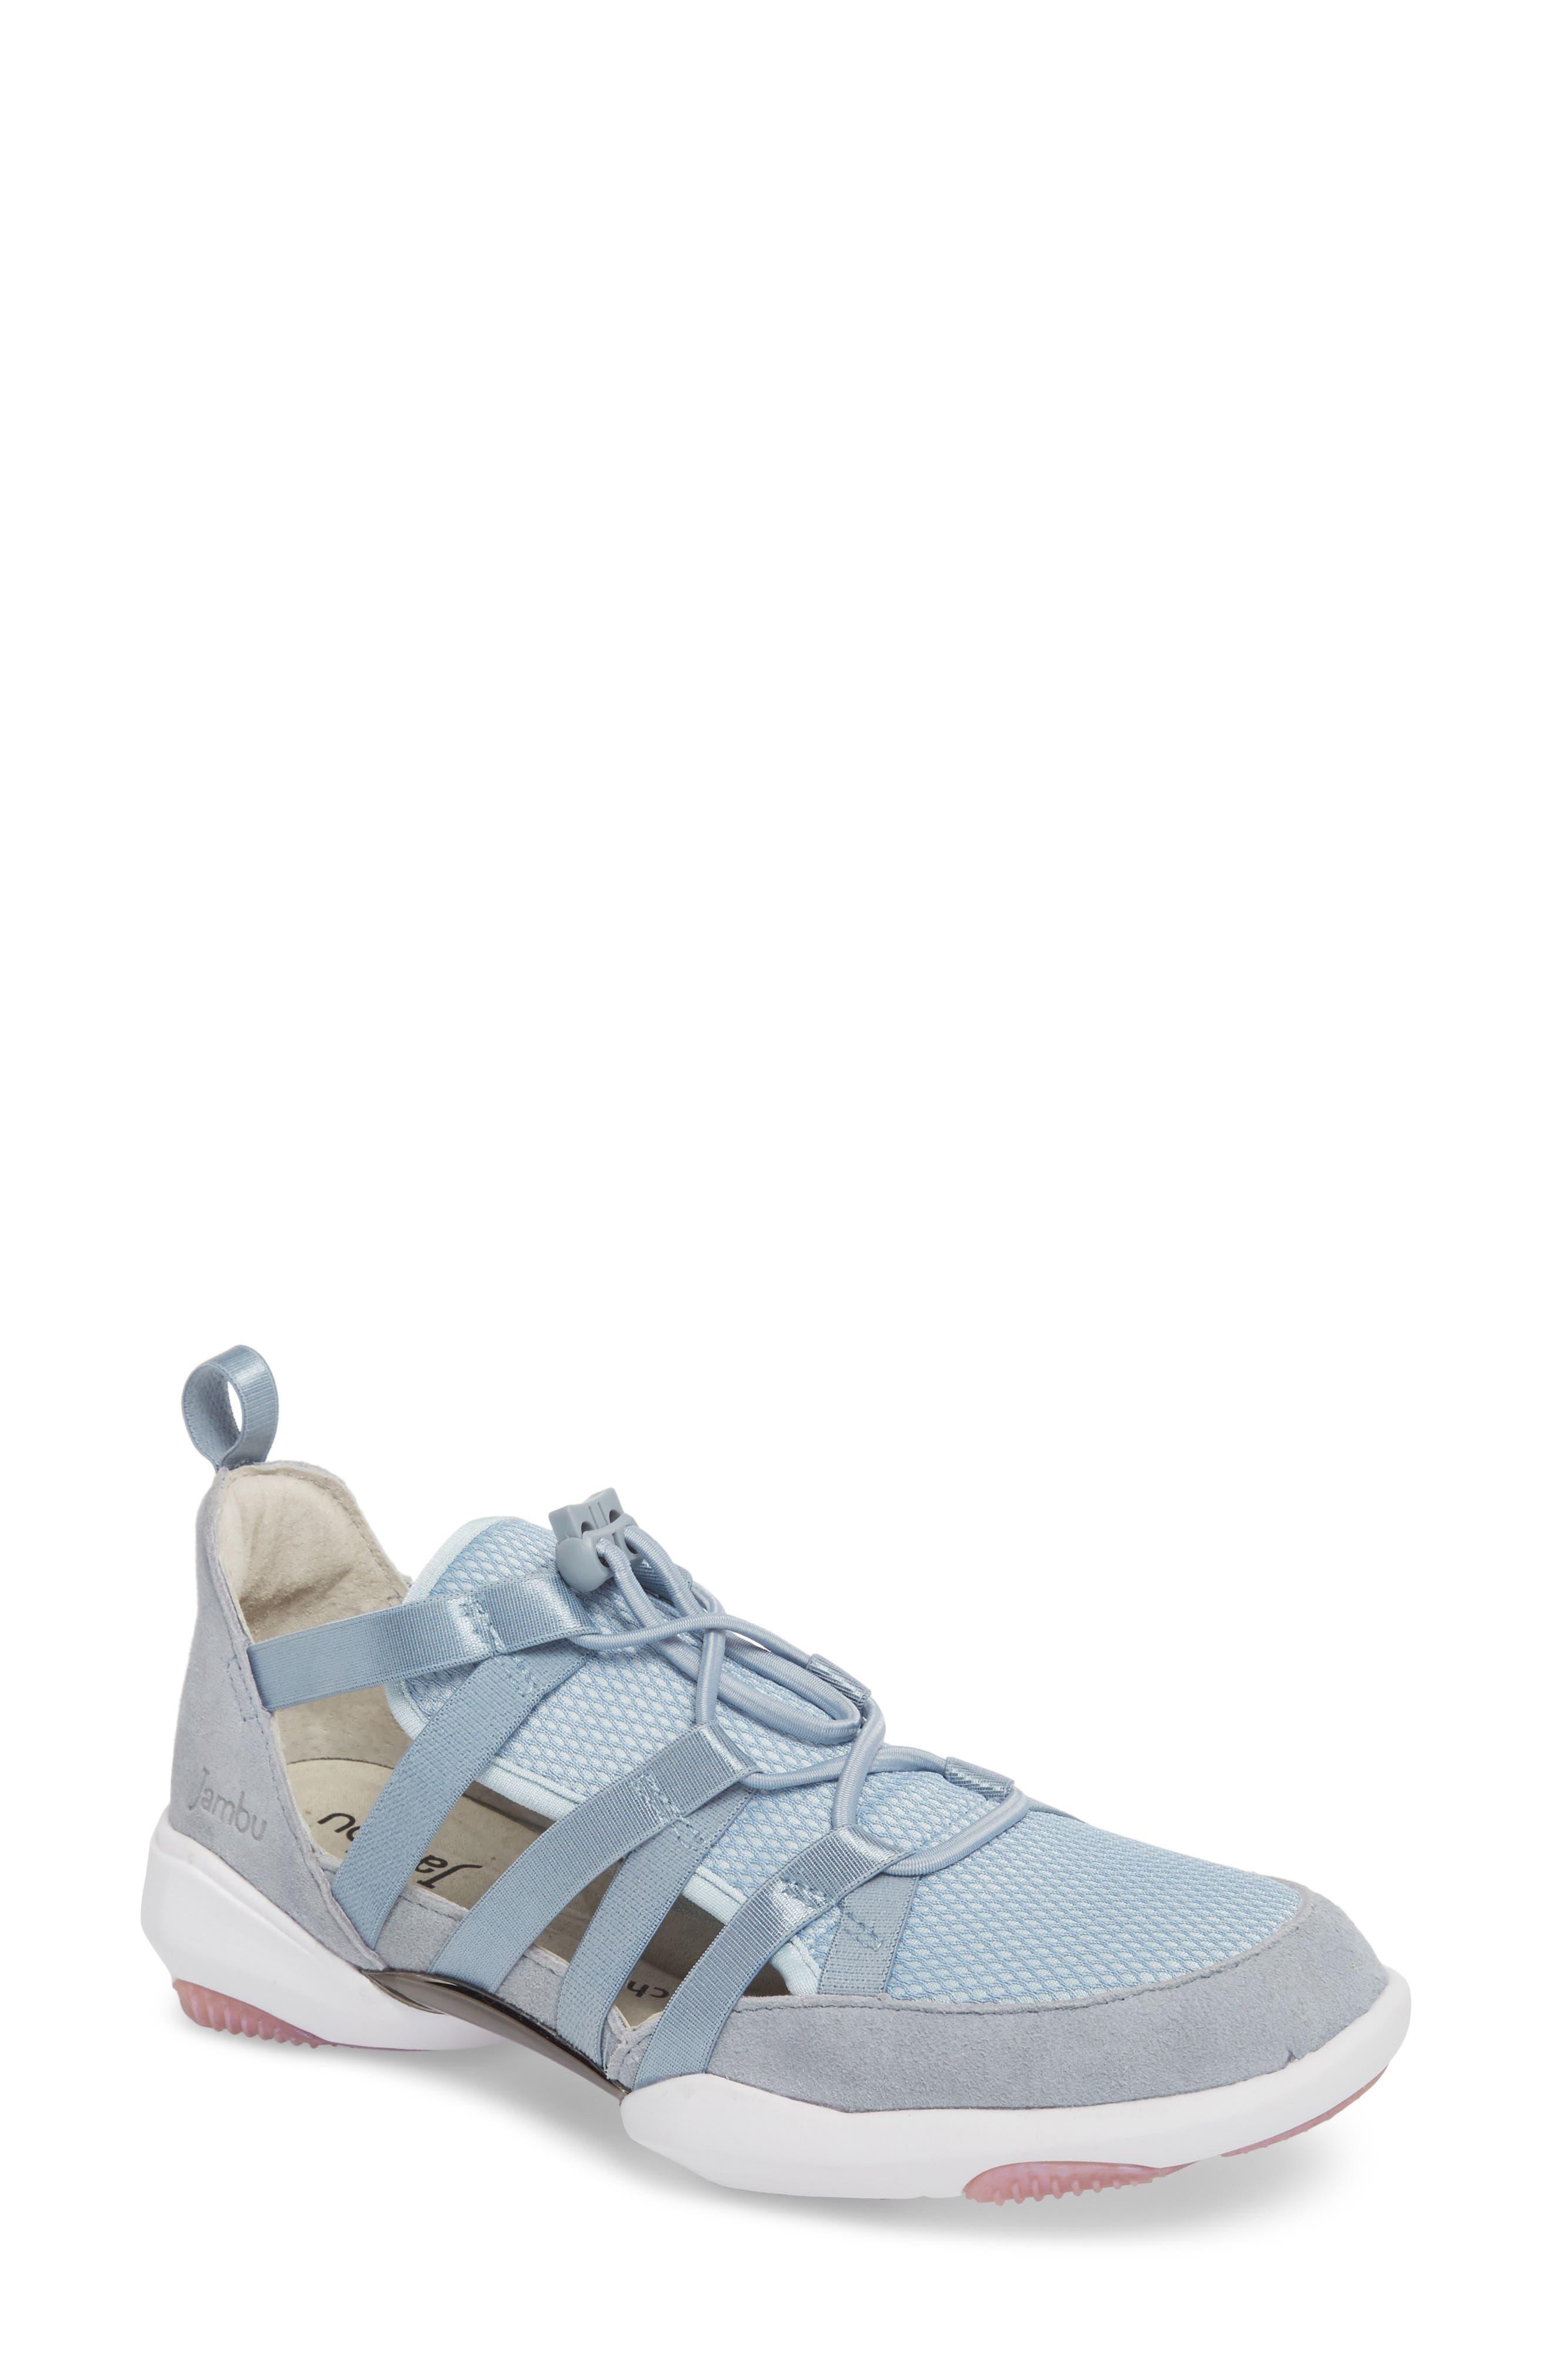 Azalea Sneaker,                         Main,                         color, BLUE LEATHER